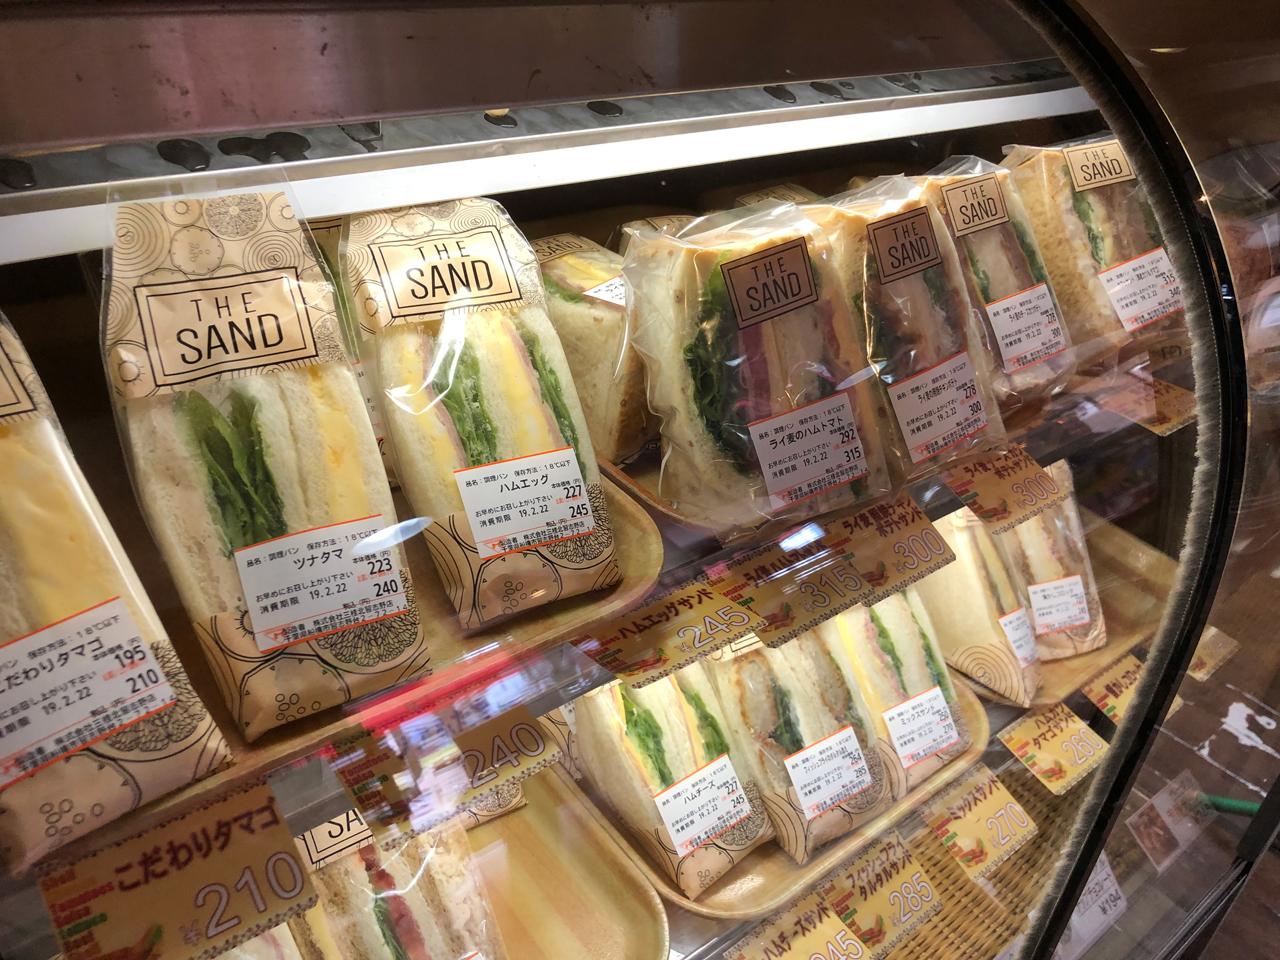 種類豊富なサンドウィッチが並ぶ